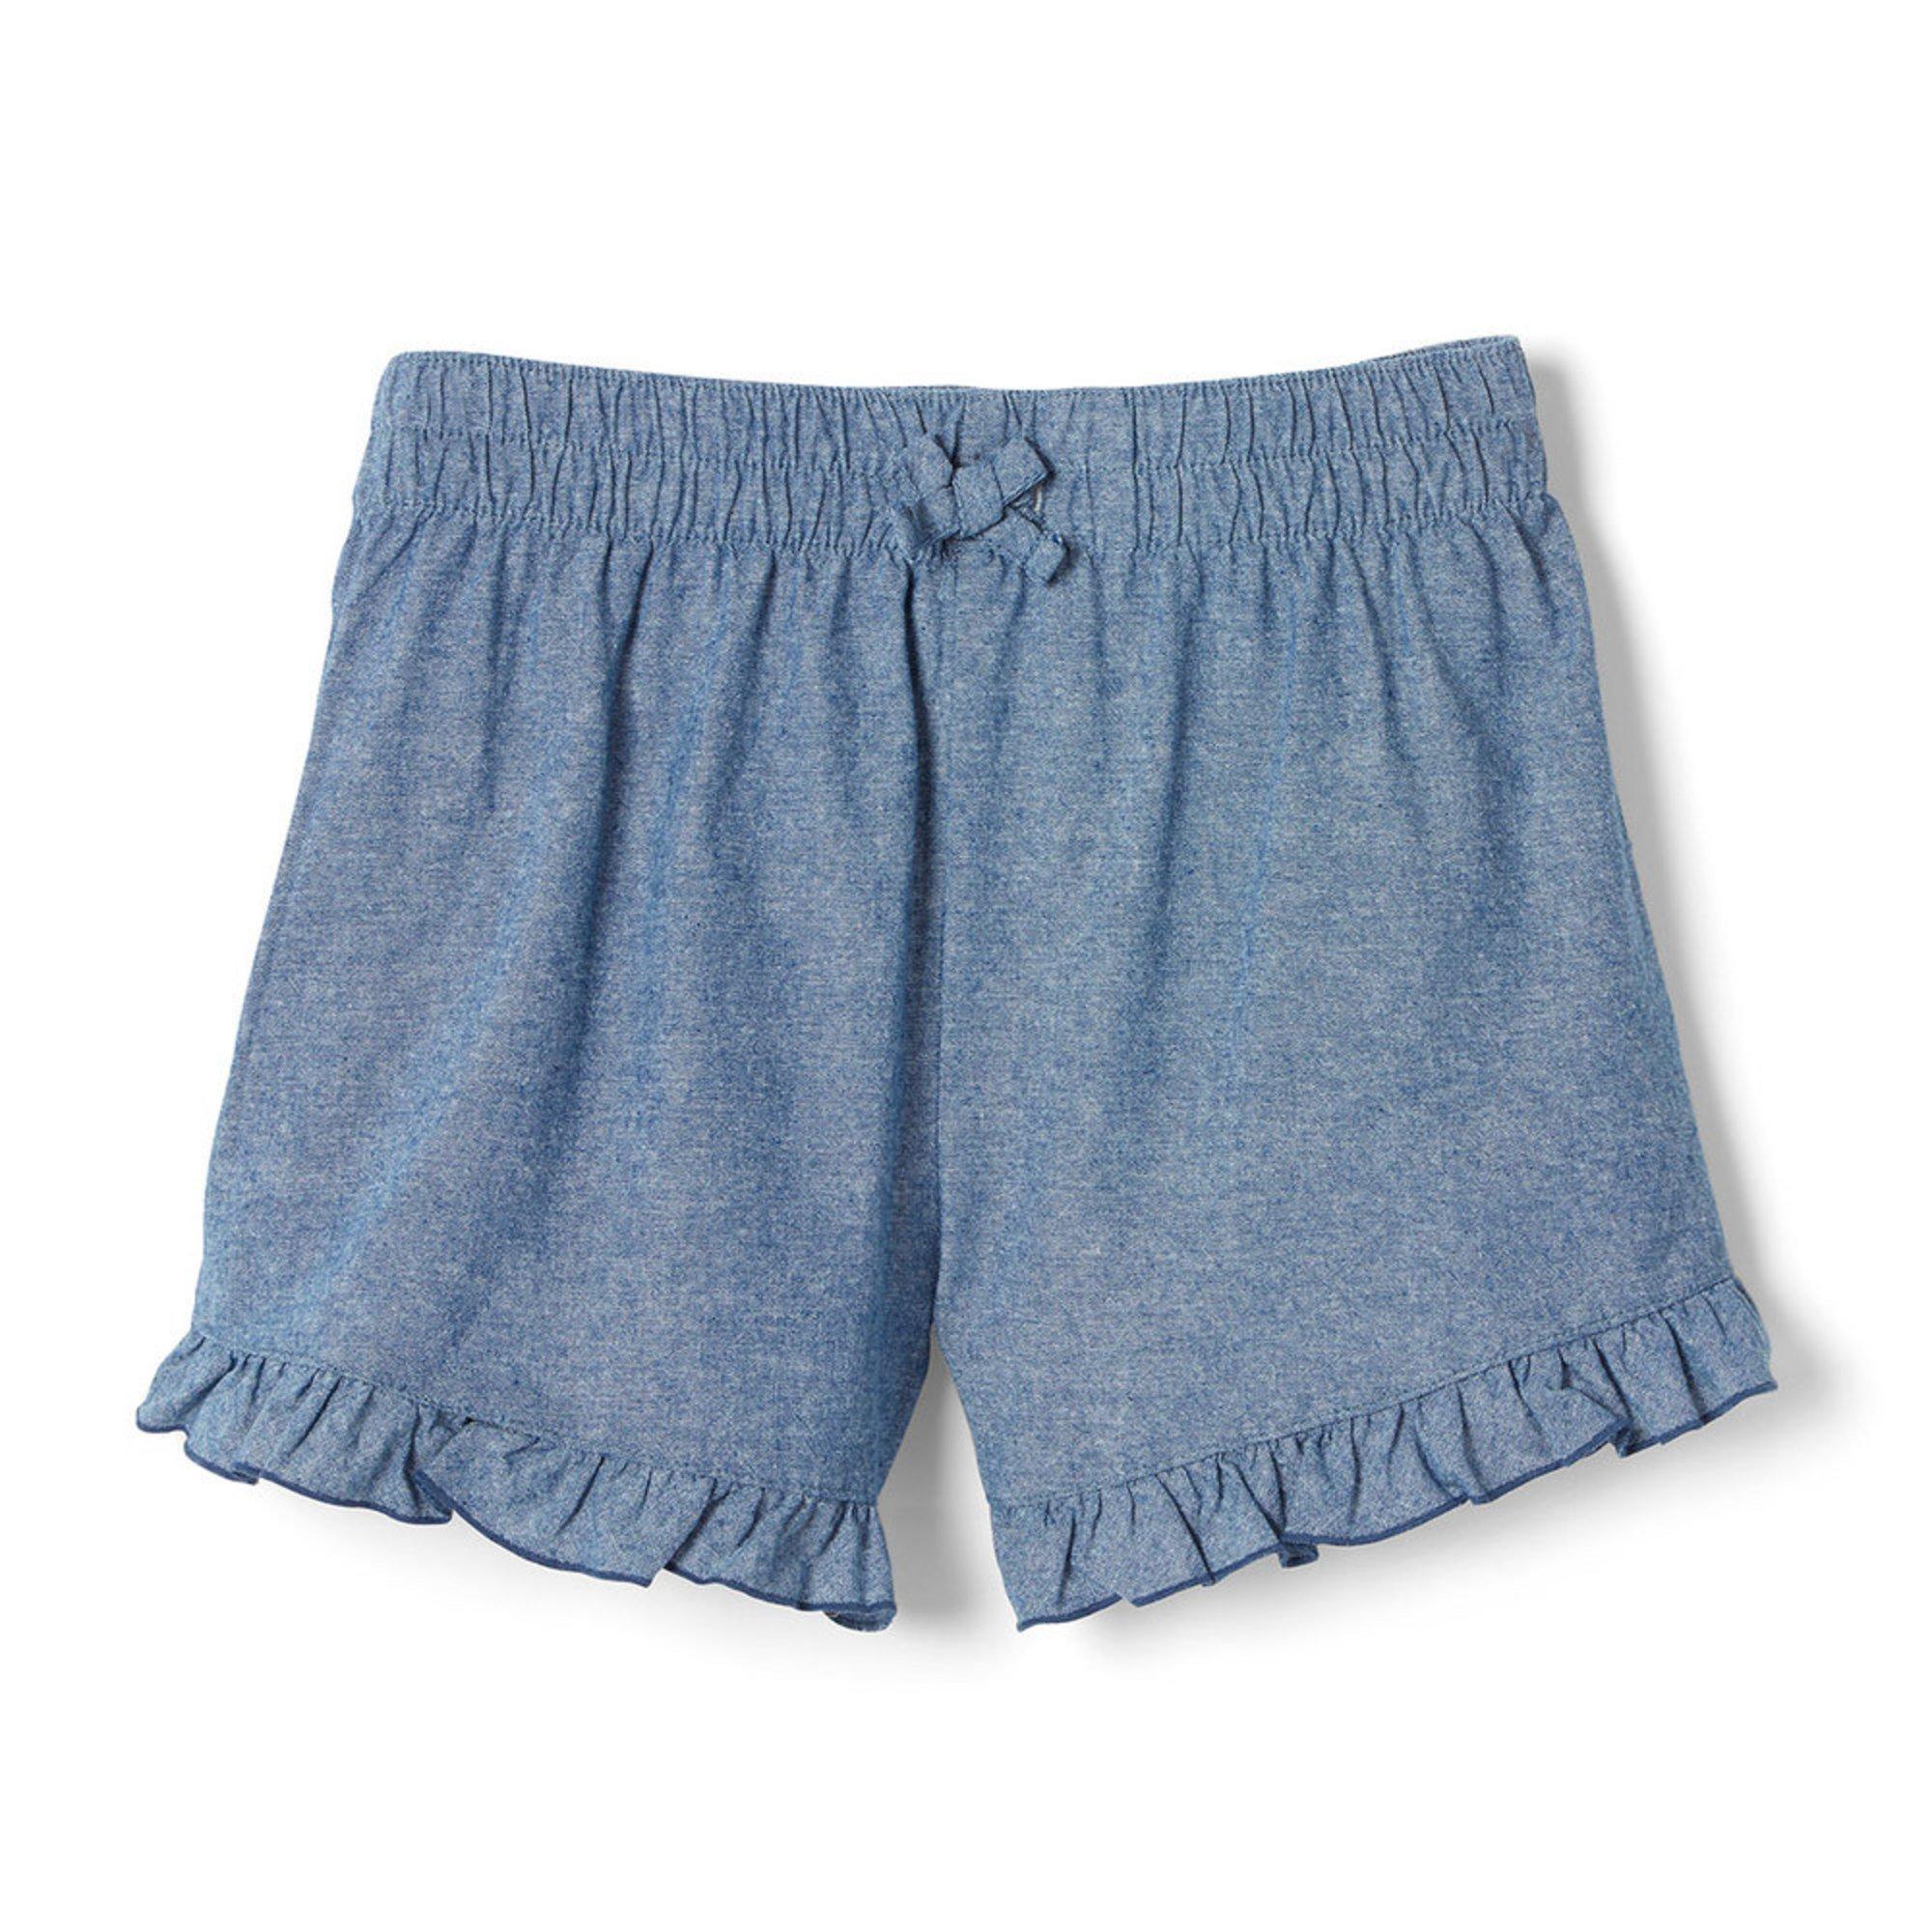 Yarn & Sea Toddler Ruffle Woven Shorts | Little Girls' 2t-6x